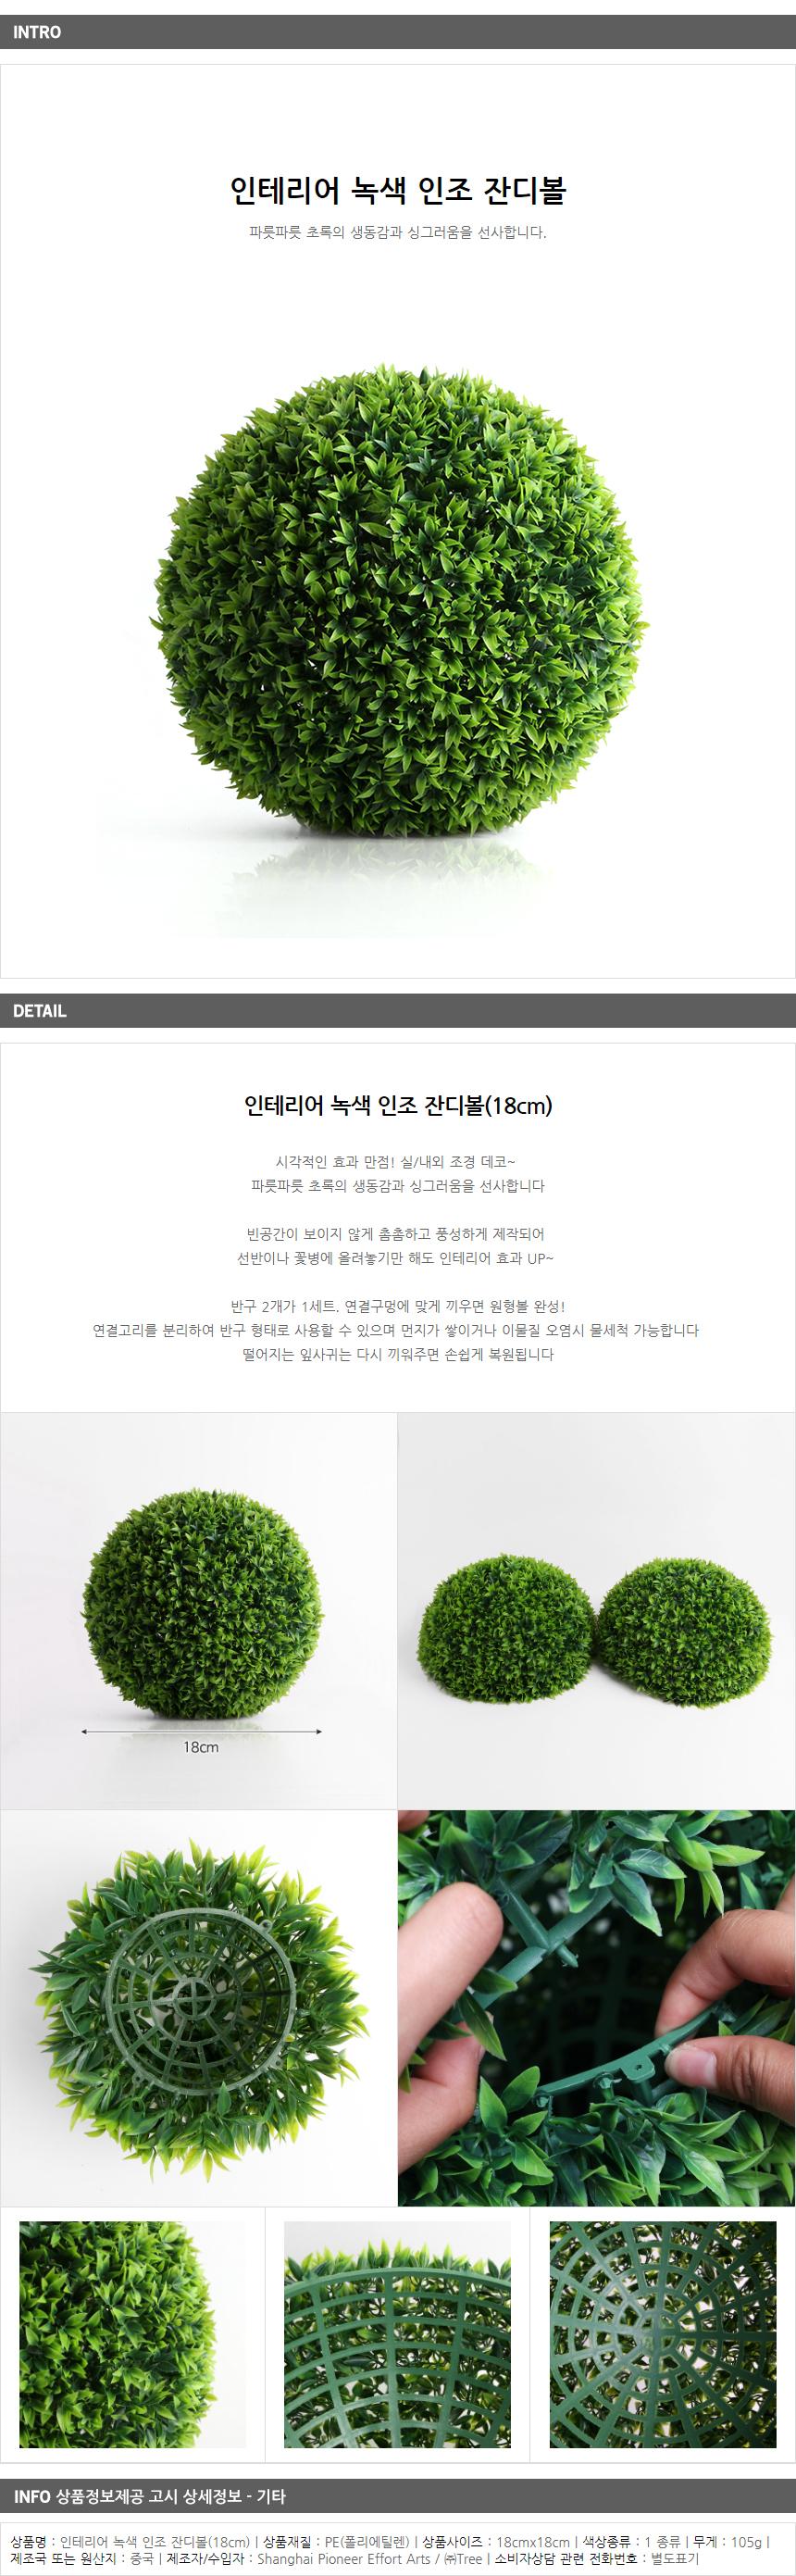 녹색 인조 잔디(18cm)/인테리어소품 조경 인조잔디 - 기프트갓, 2,830원, 장식/부자재, 바닥장식